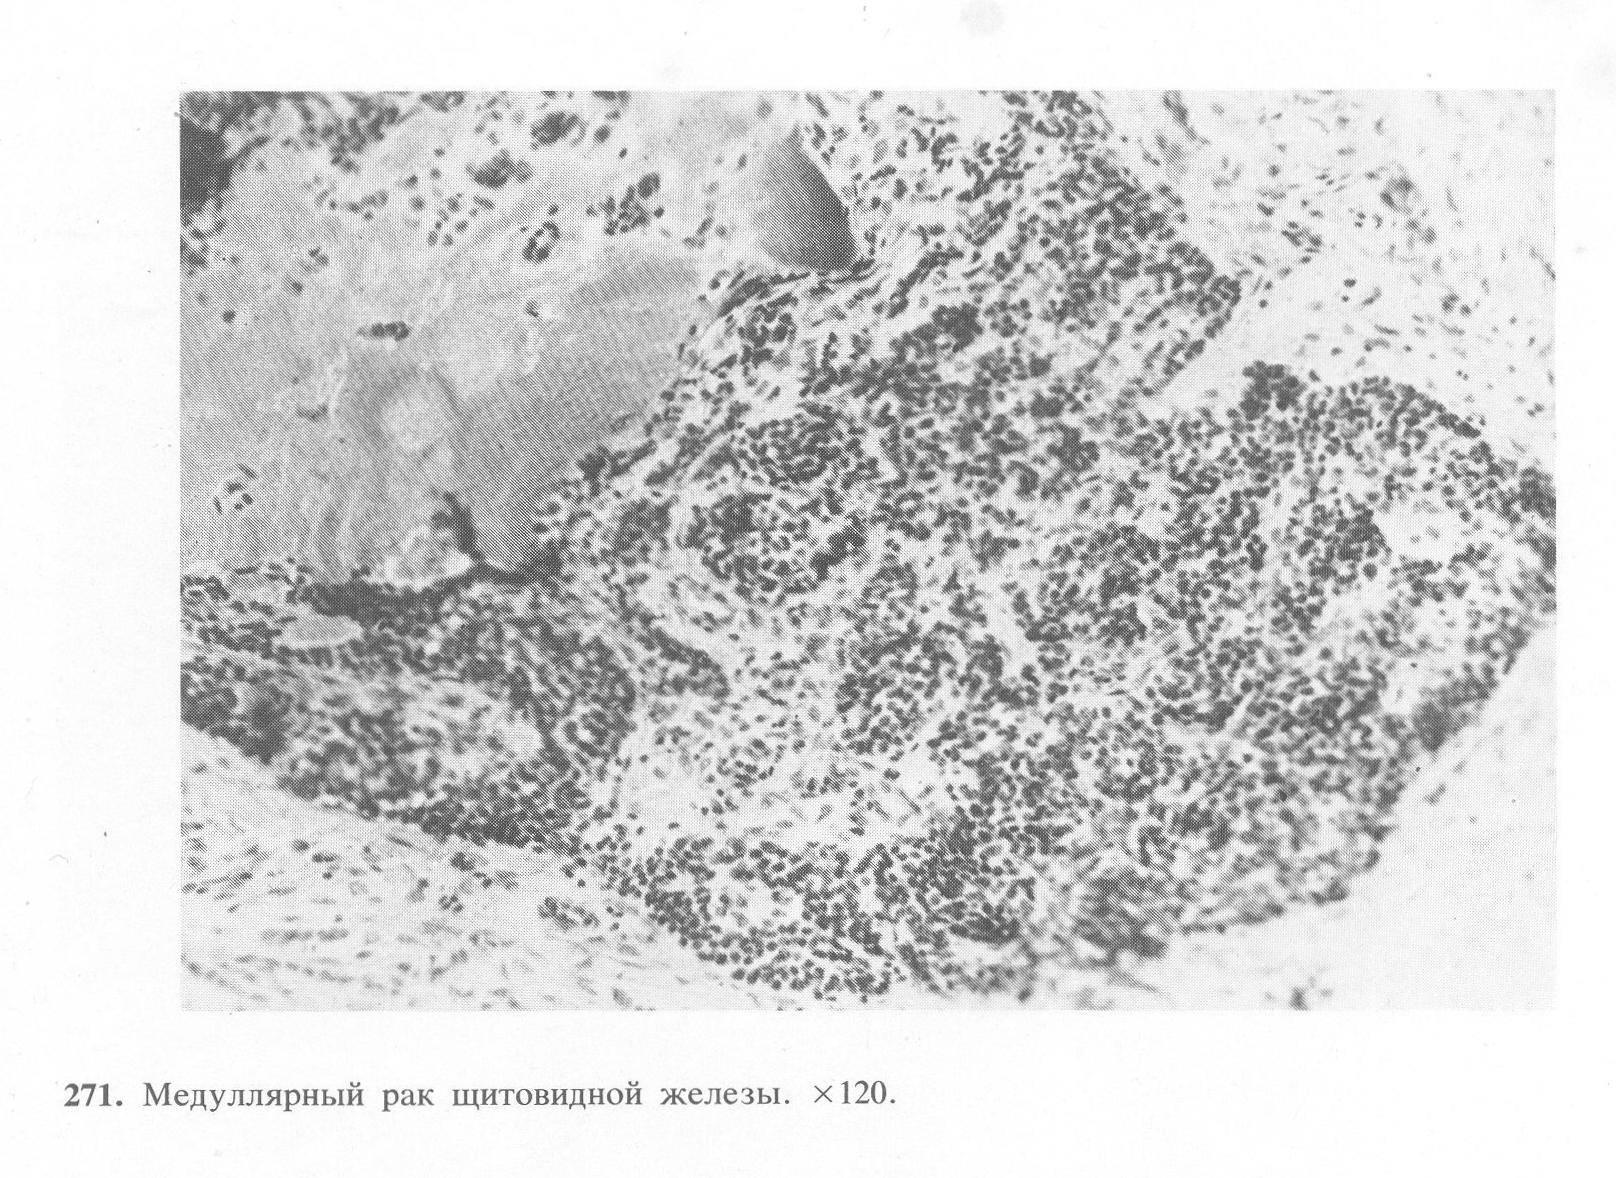 Фoлликулярный опухоль щитовидной железы: прогноз при правильном лечении